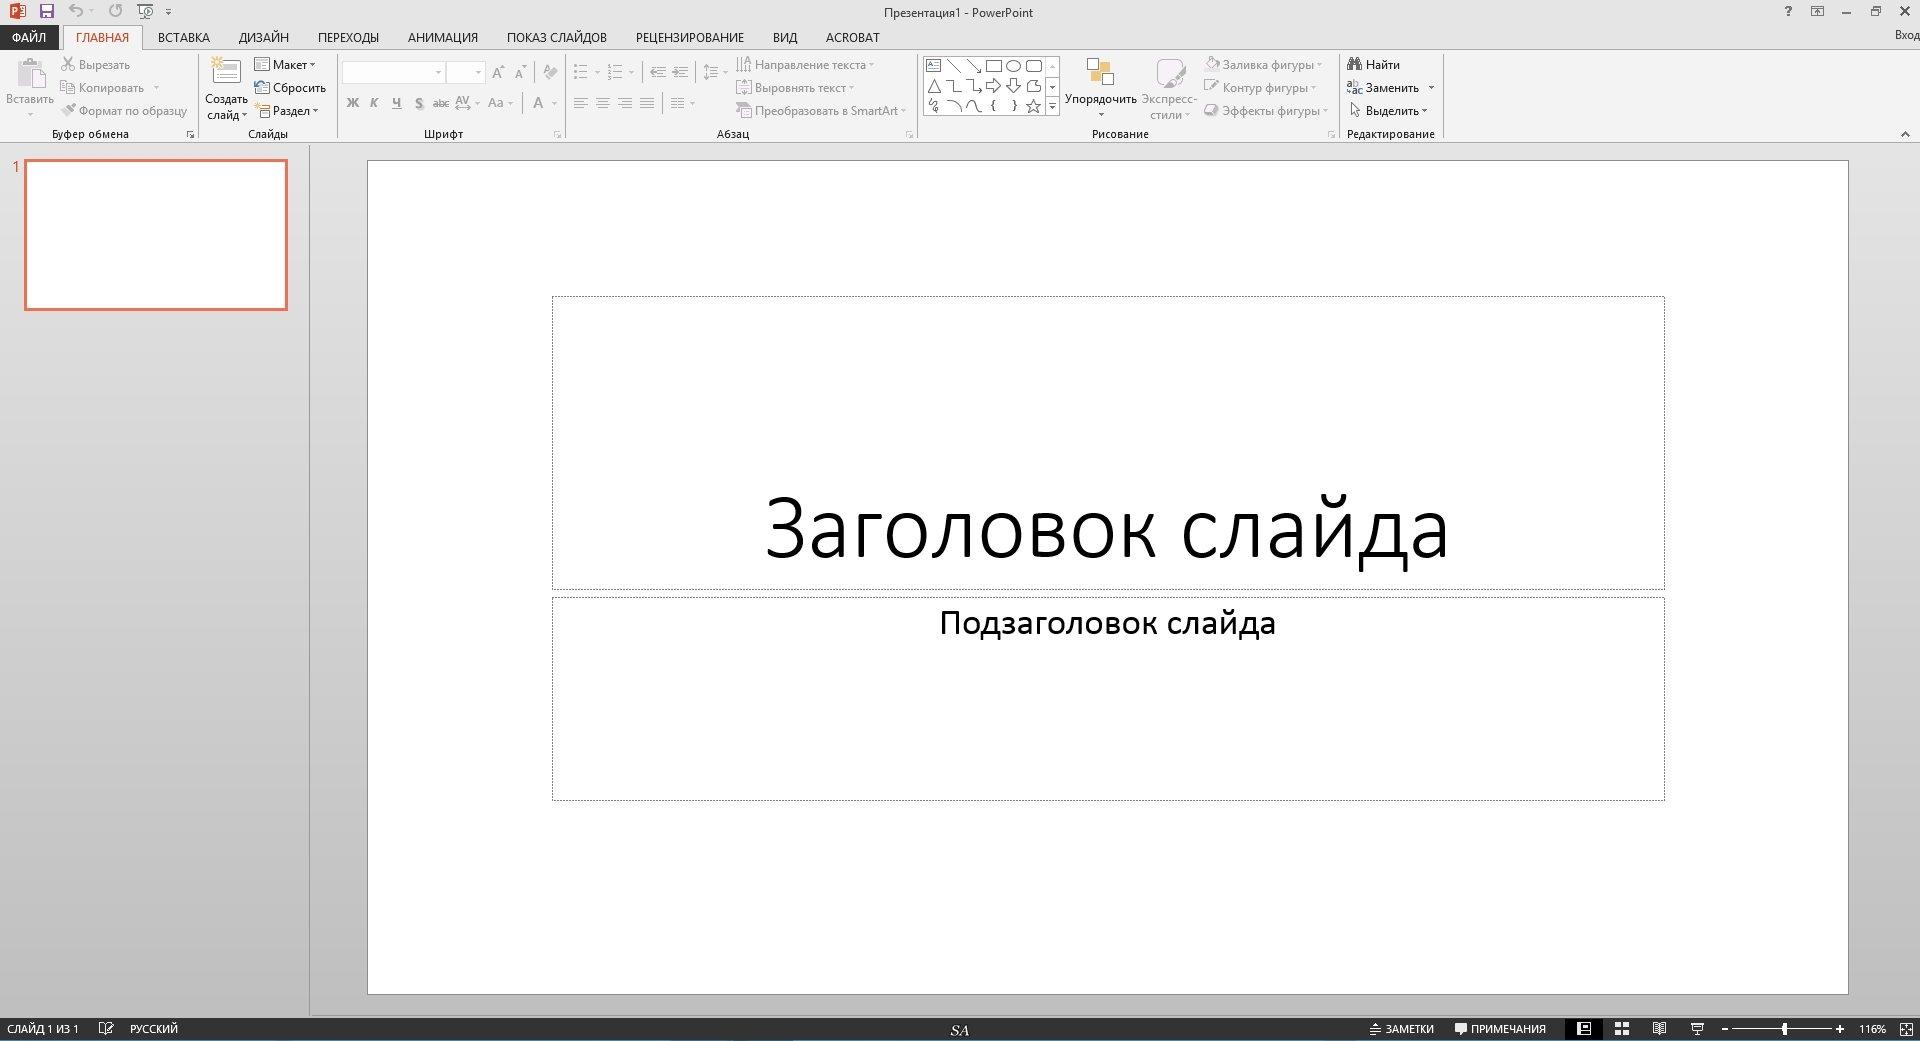 http://fs2.directupload.net/images/150213/y5vpi8sq.jpg